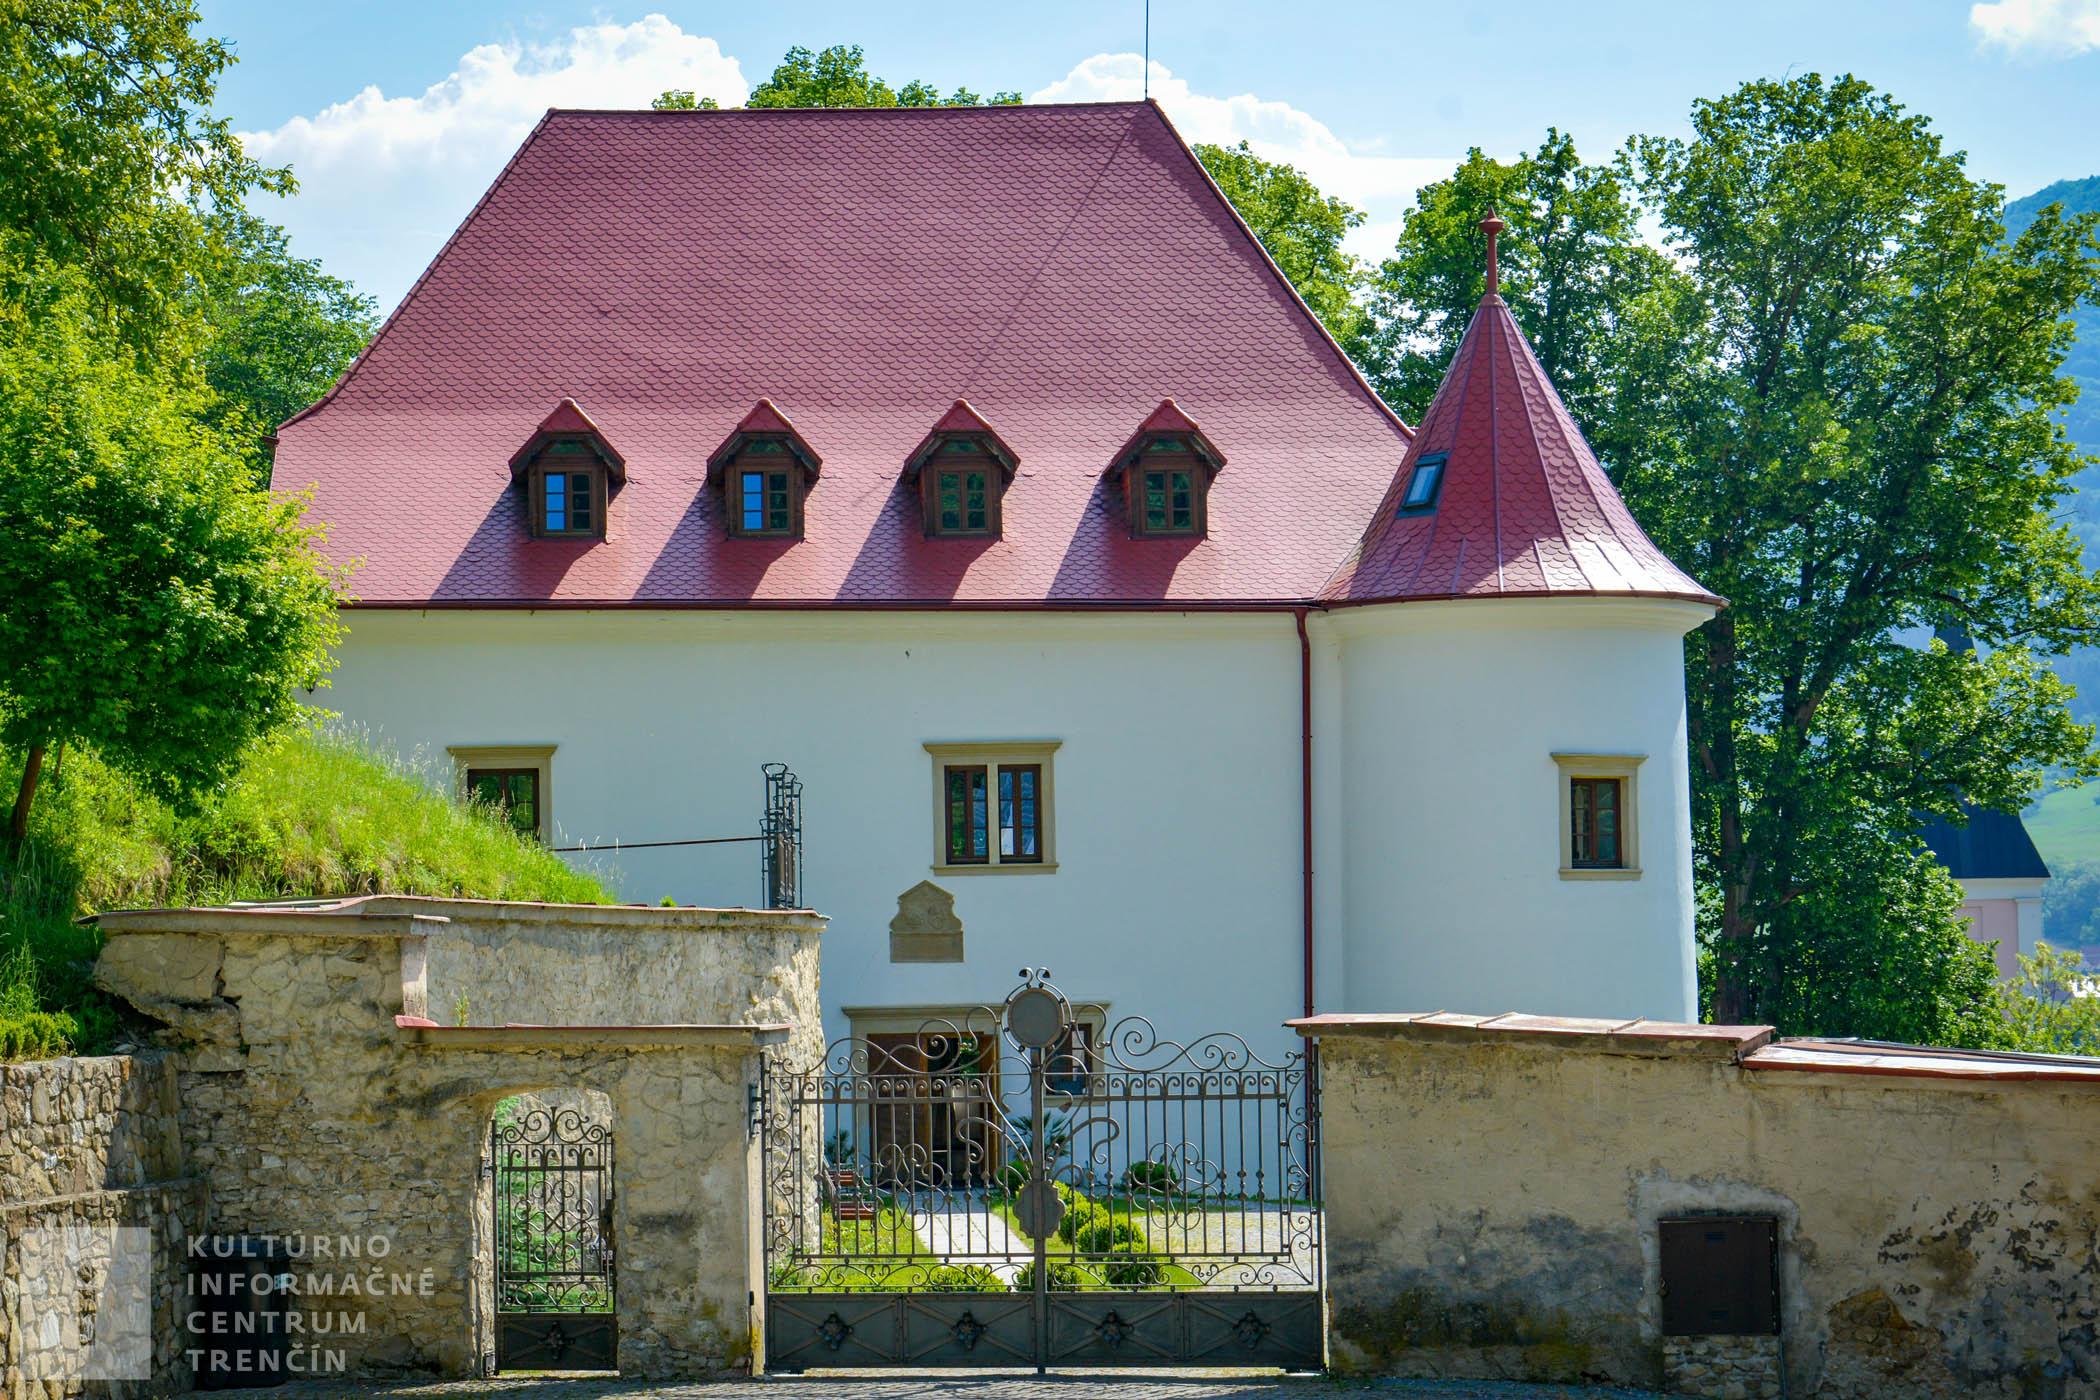 """Renesančný kaštieľ """"Burg"""" dali postaviť v roku 1631 Balašovci, ktorí uprednostnili bývanie v pohodlnom a luxusnom kaštieli pred stredovekým hradom."""